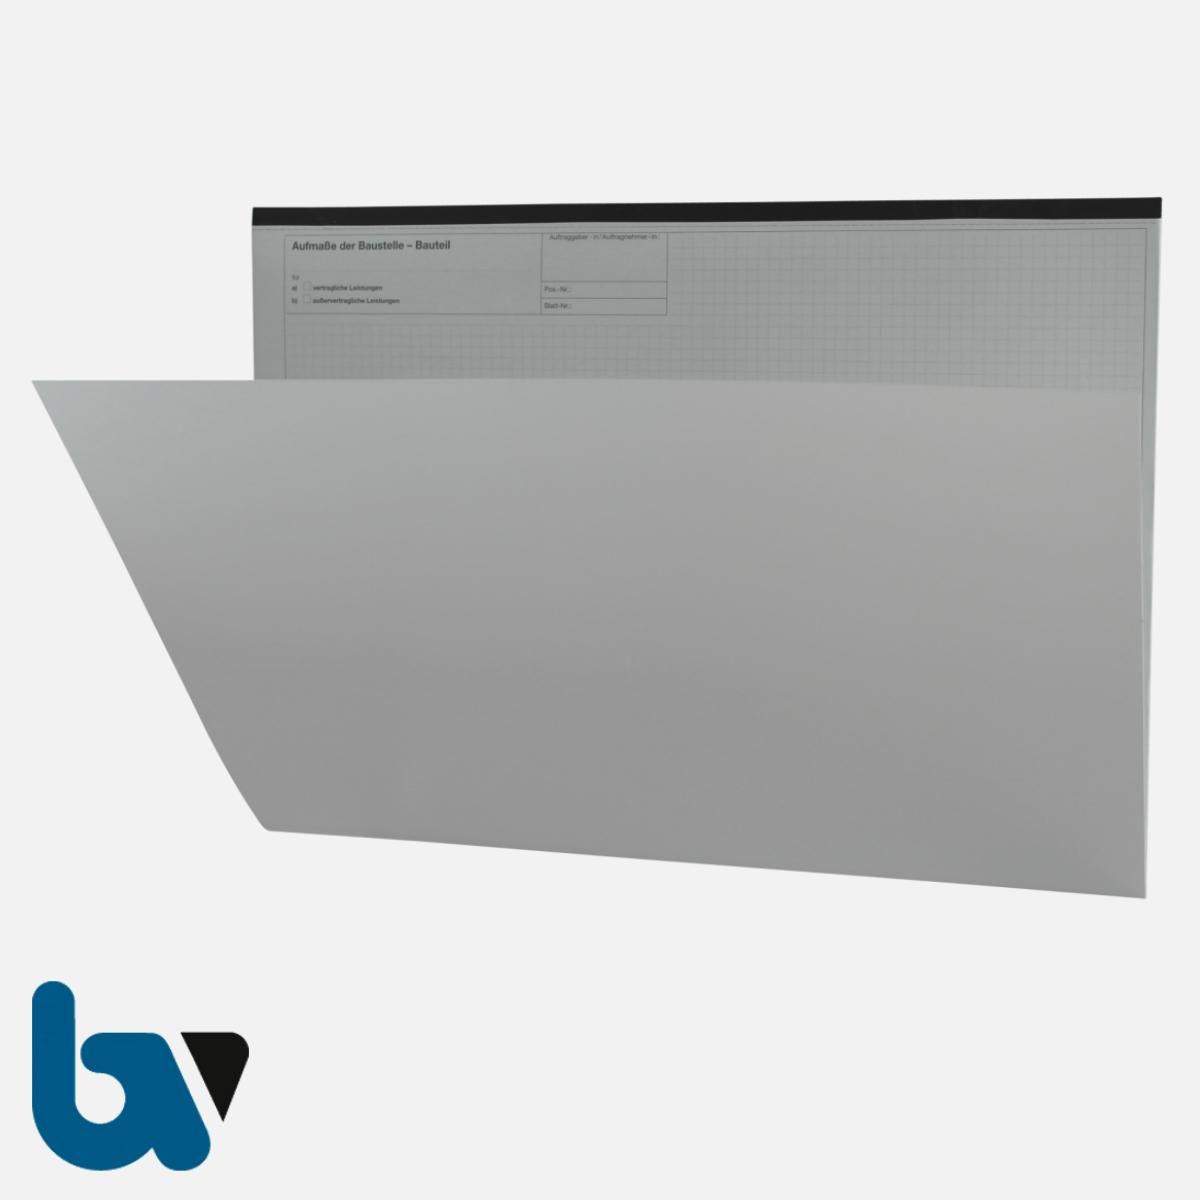 0/707-5 Bauaufmassblock Baustelle Bauteil selbstdurchschreibend Einschlagdeckel Durchschreibeschutz Schreibschutzdeckel perforiert DIN A3 Vorderseite | Borgard Verlag GmbH